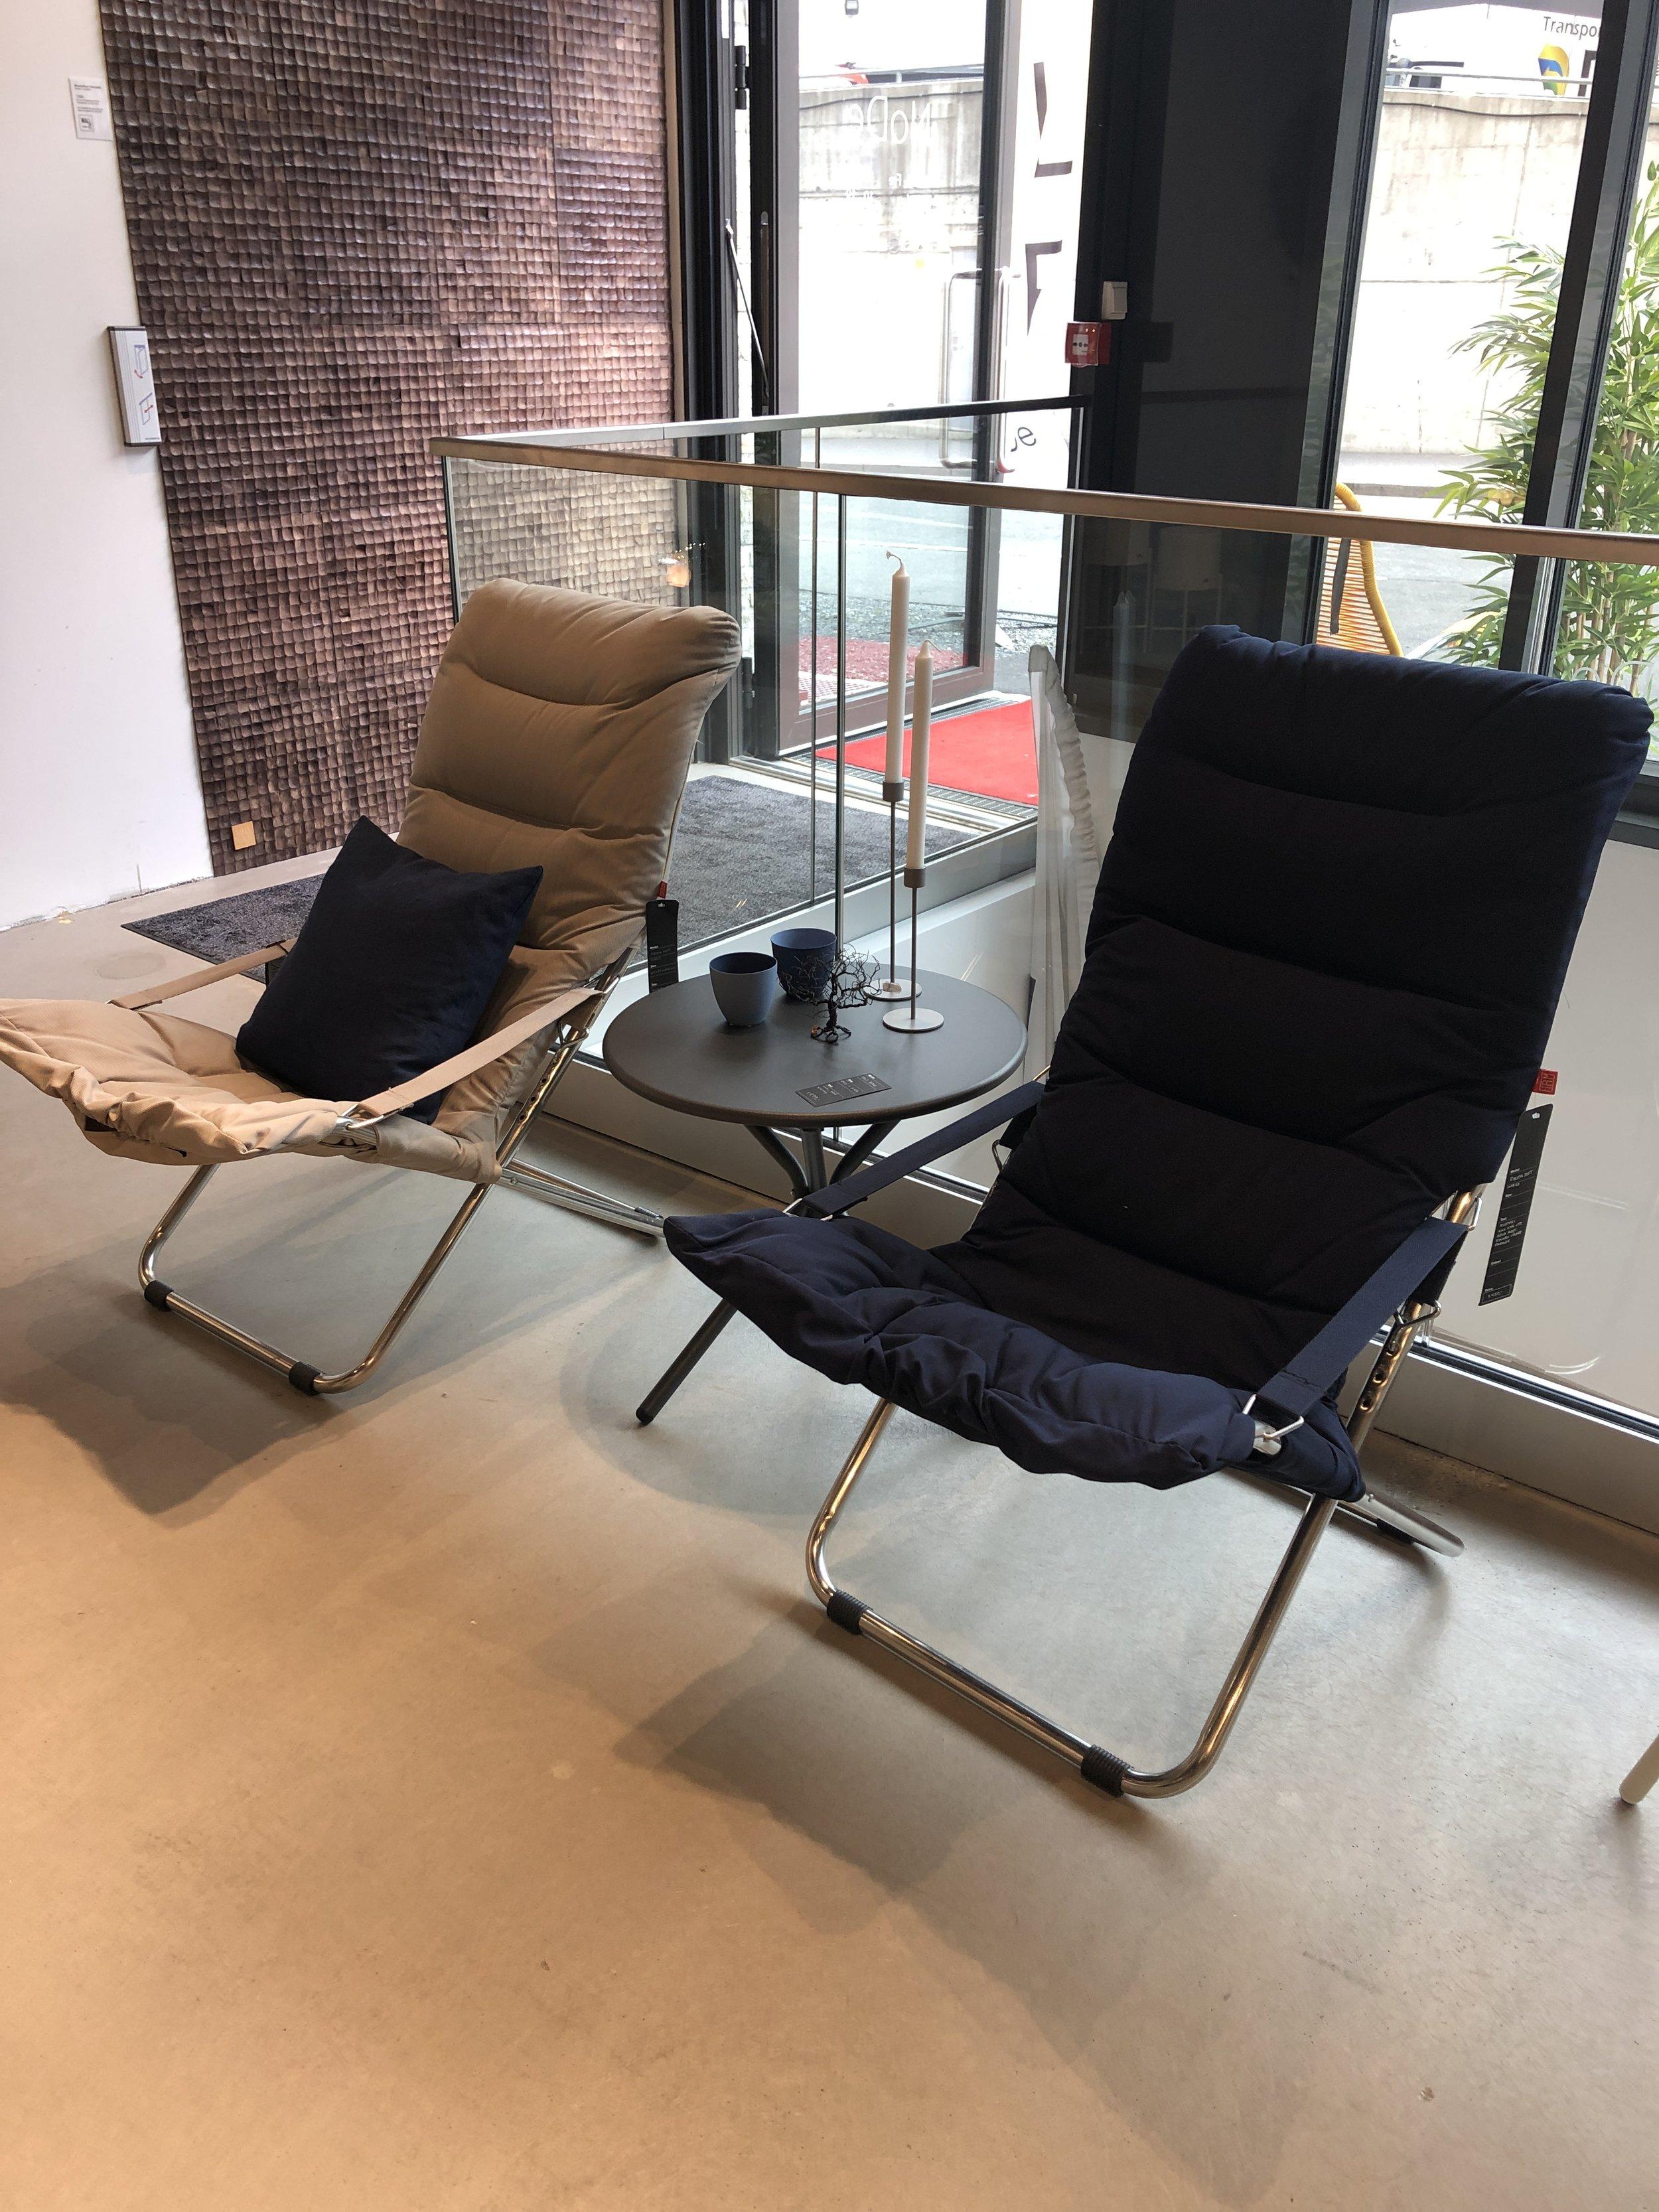 Fiesta soft stol og tris sidebord: -**% -